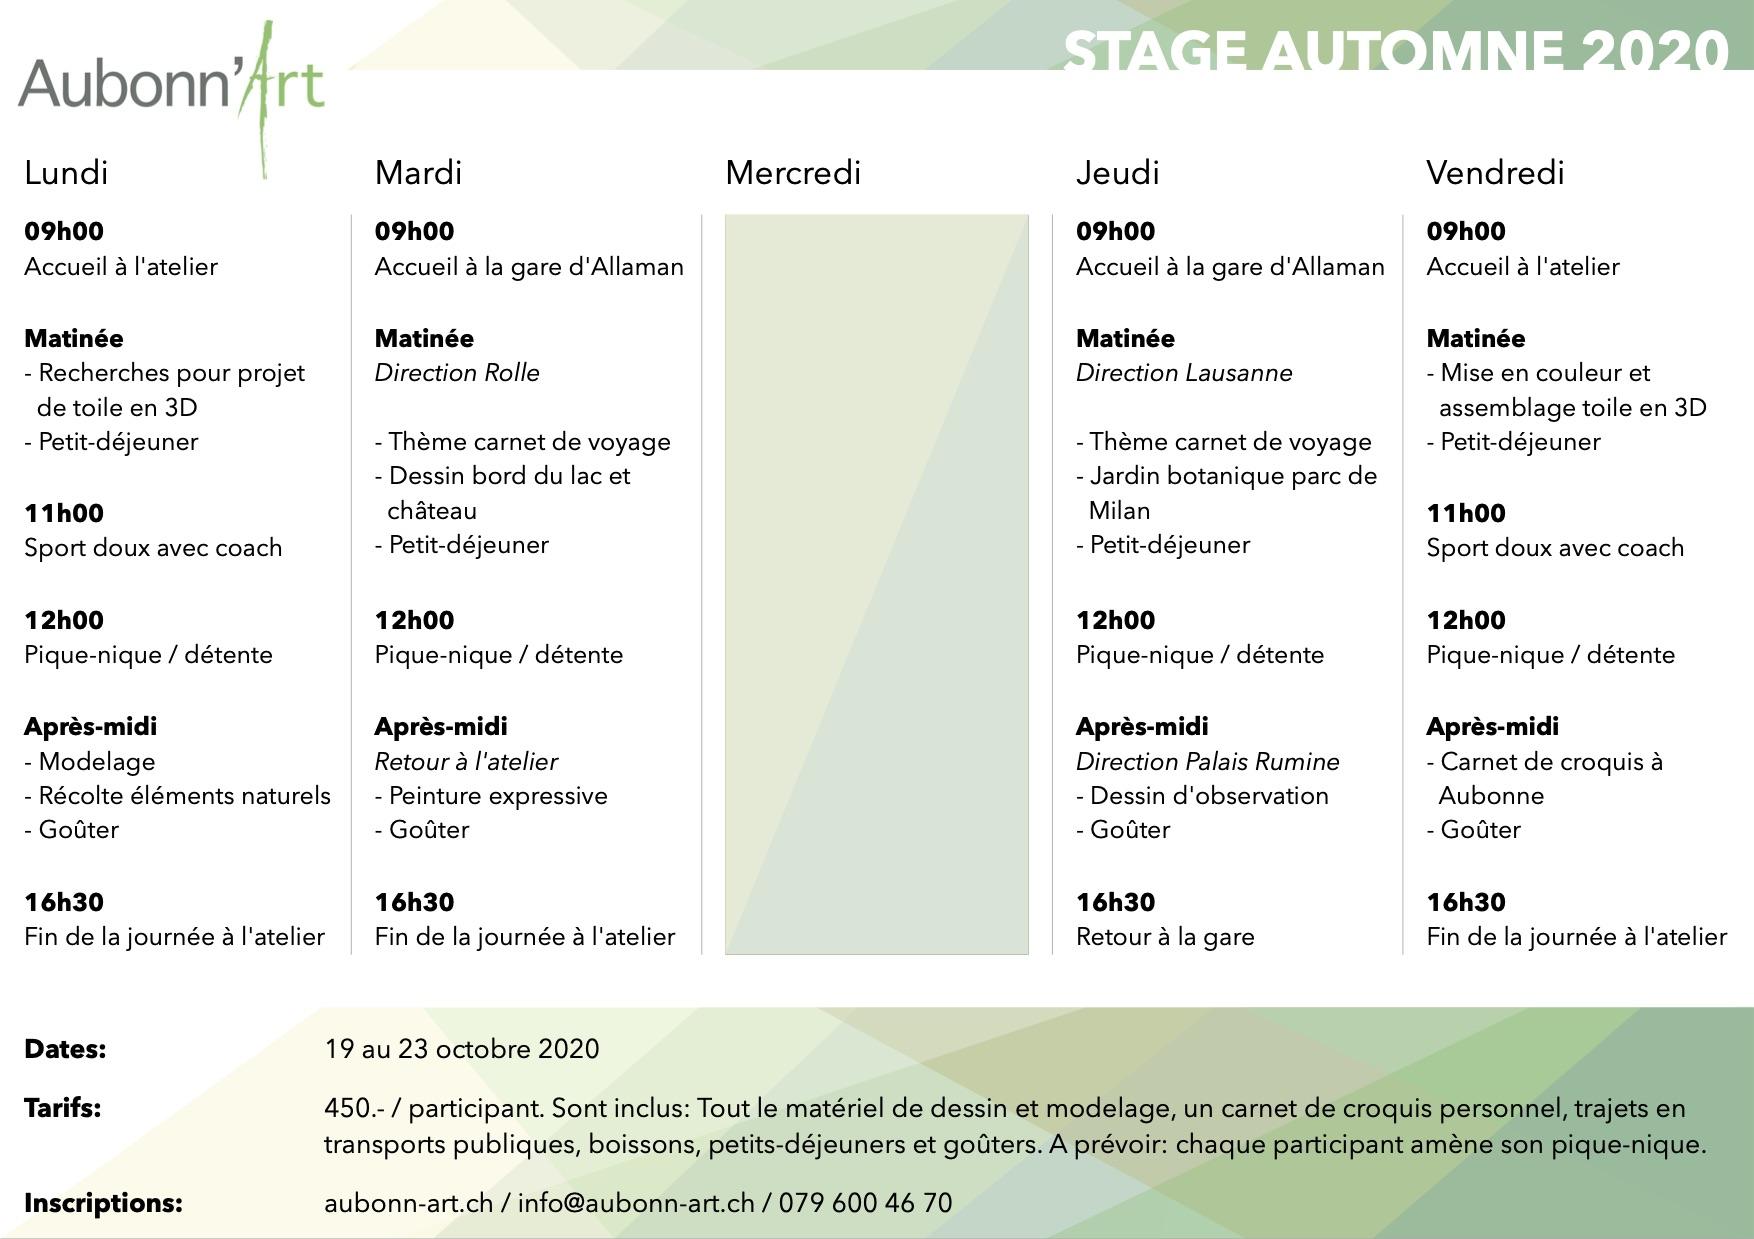 Aubonn'art - Stage d'automne 2020